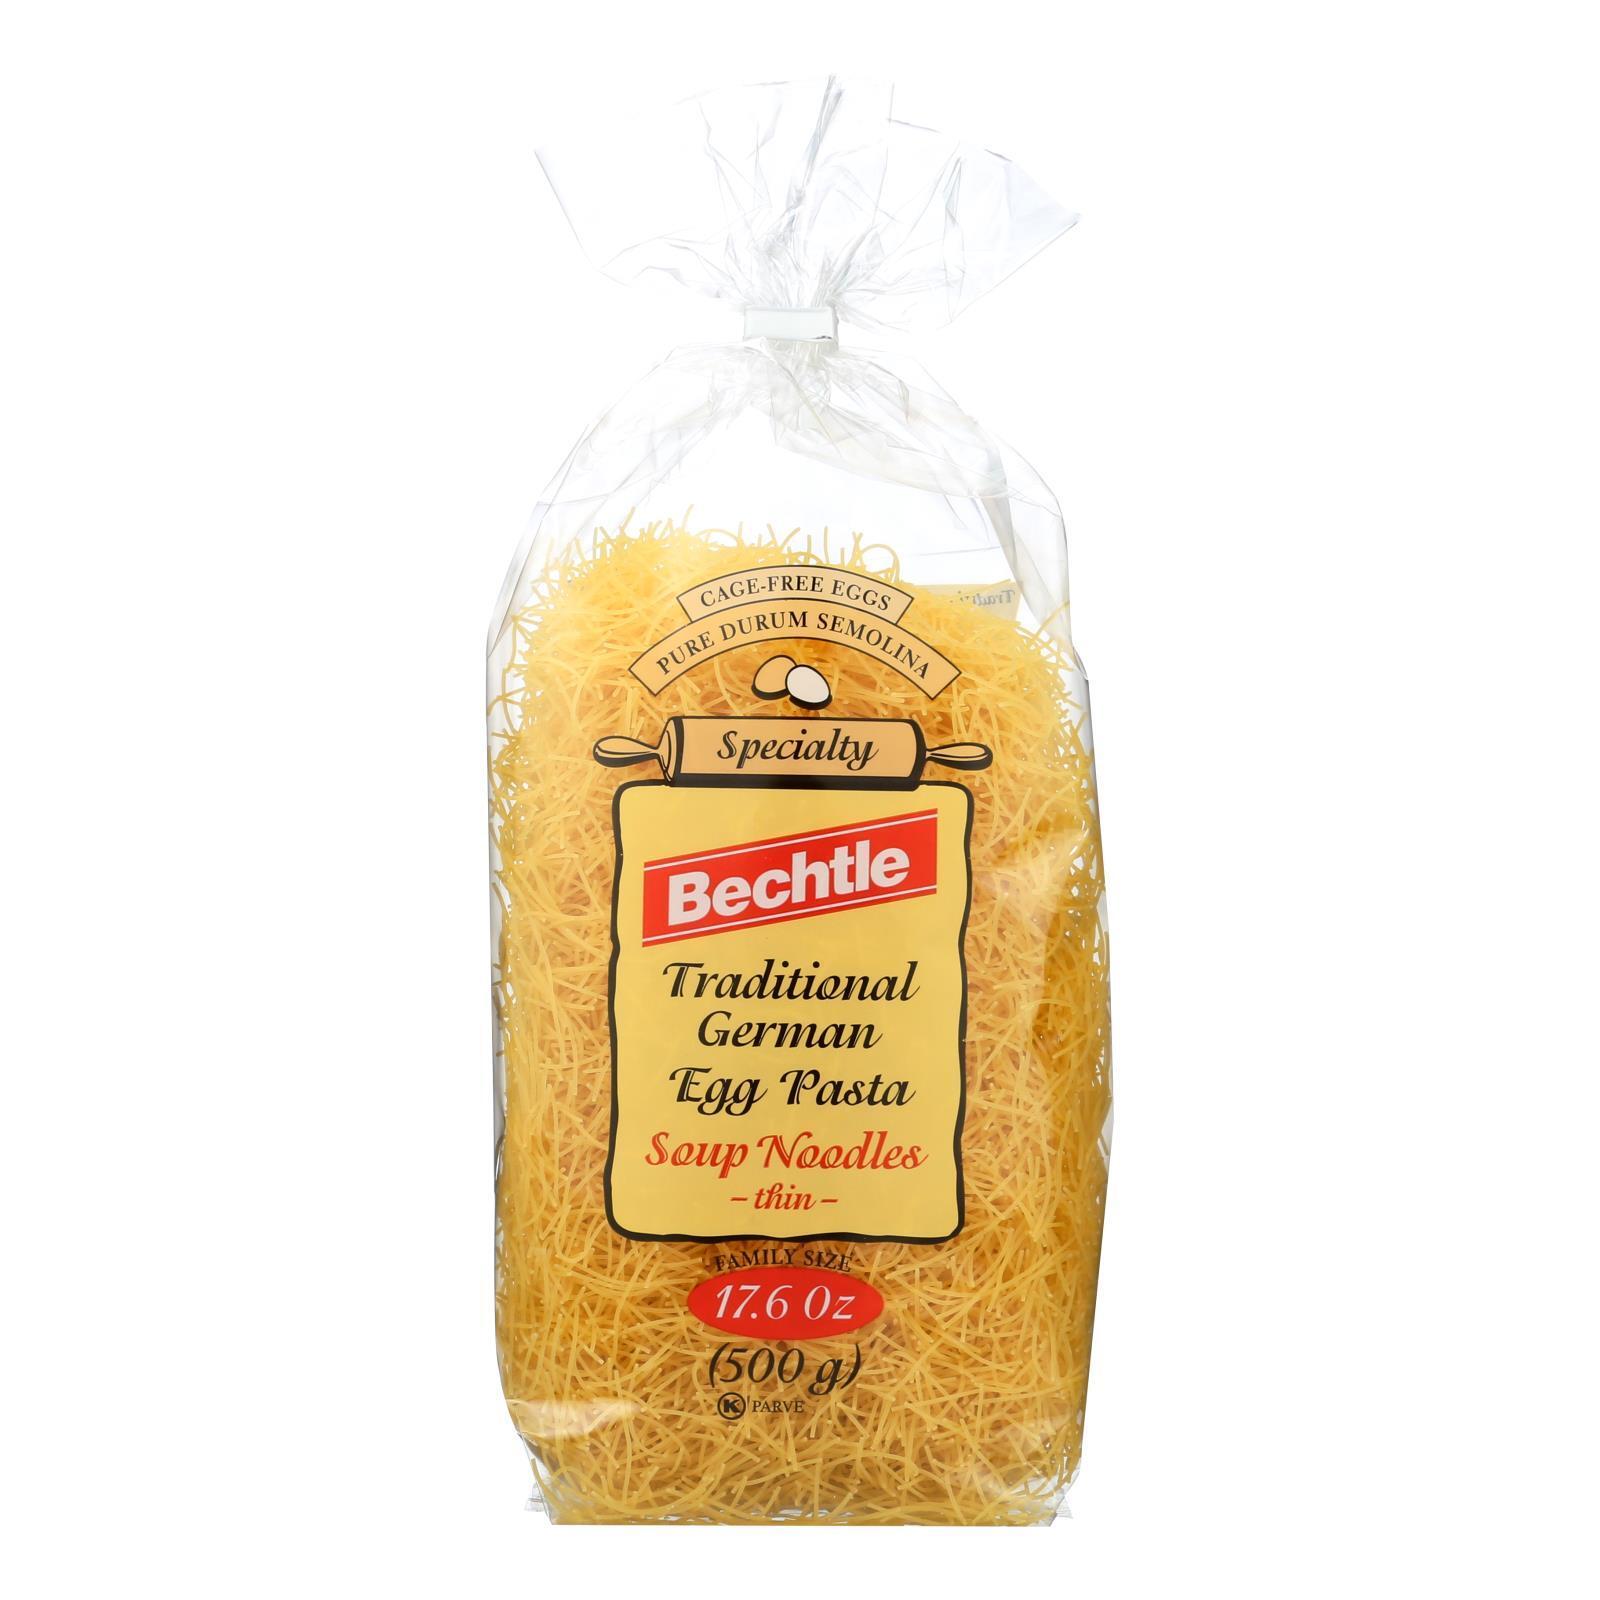 Bechtle Noodles - Fine - Case of 12 - 17.6 oz